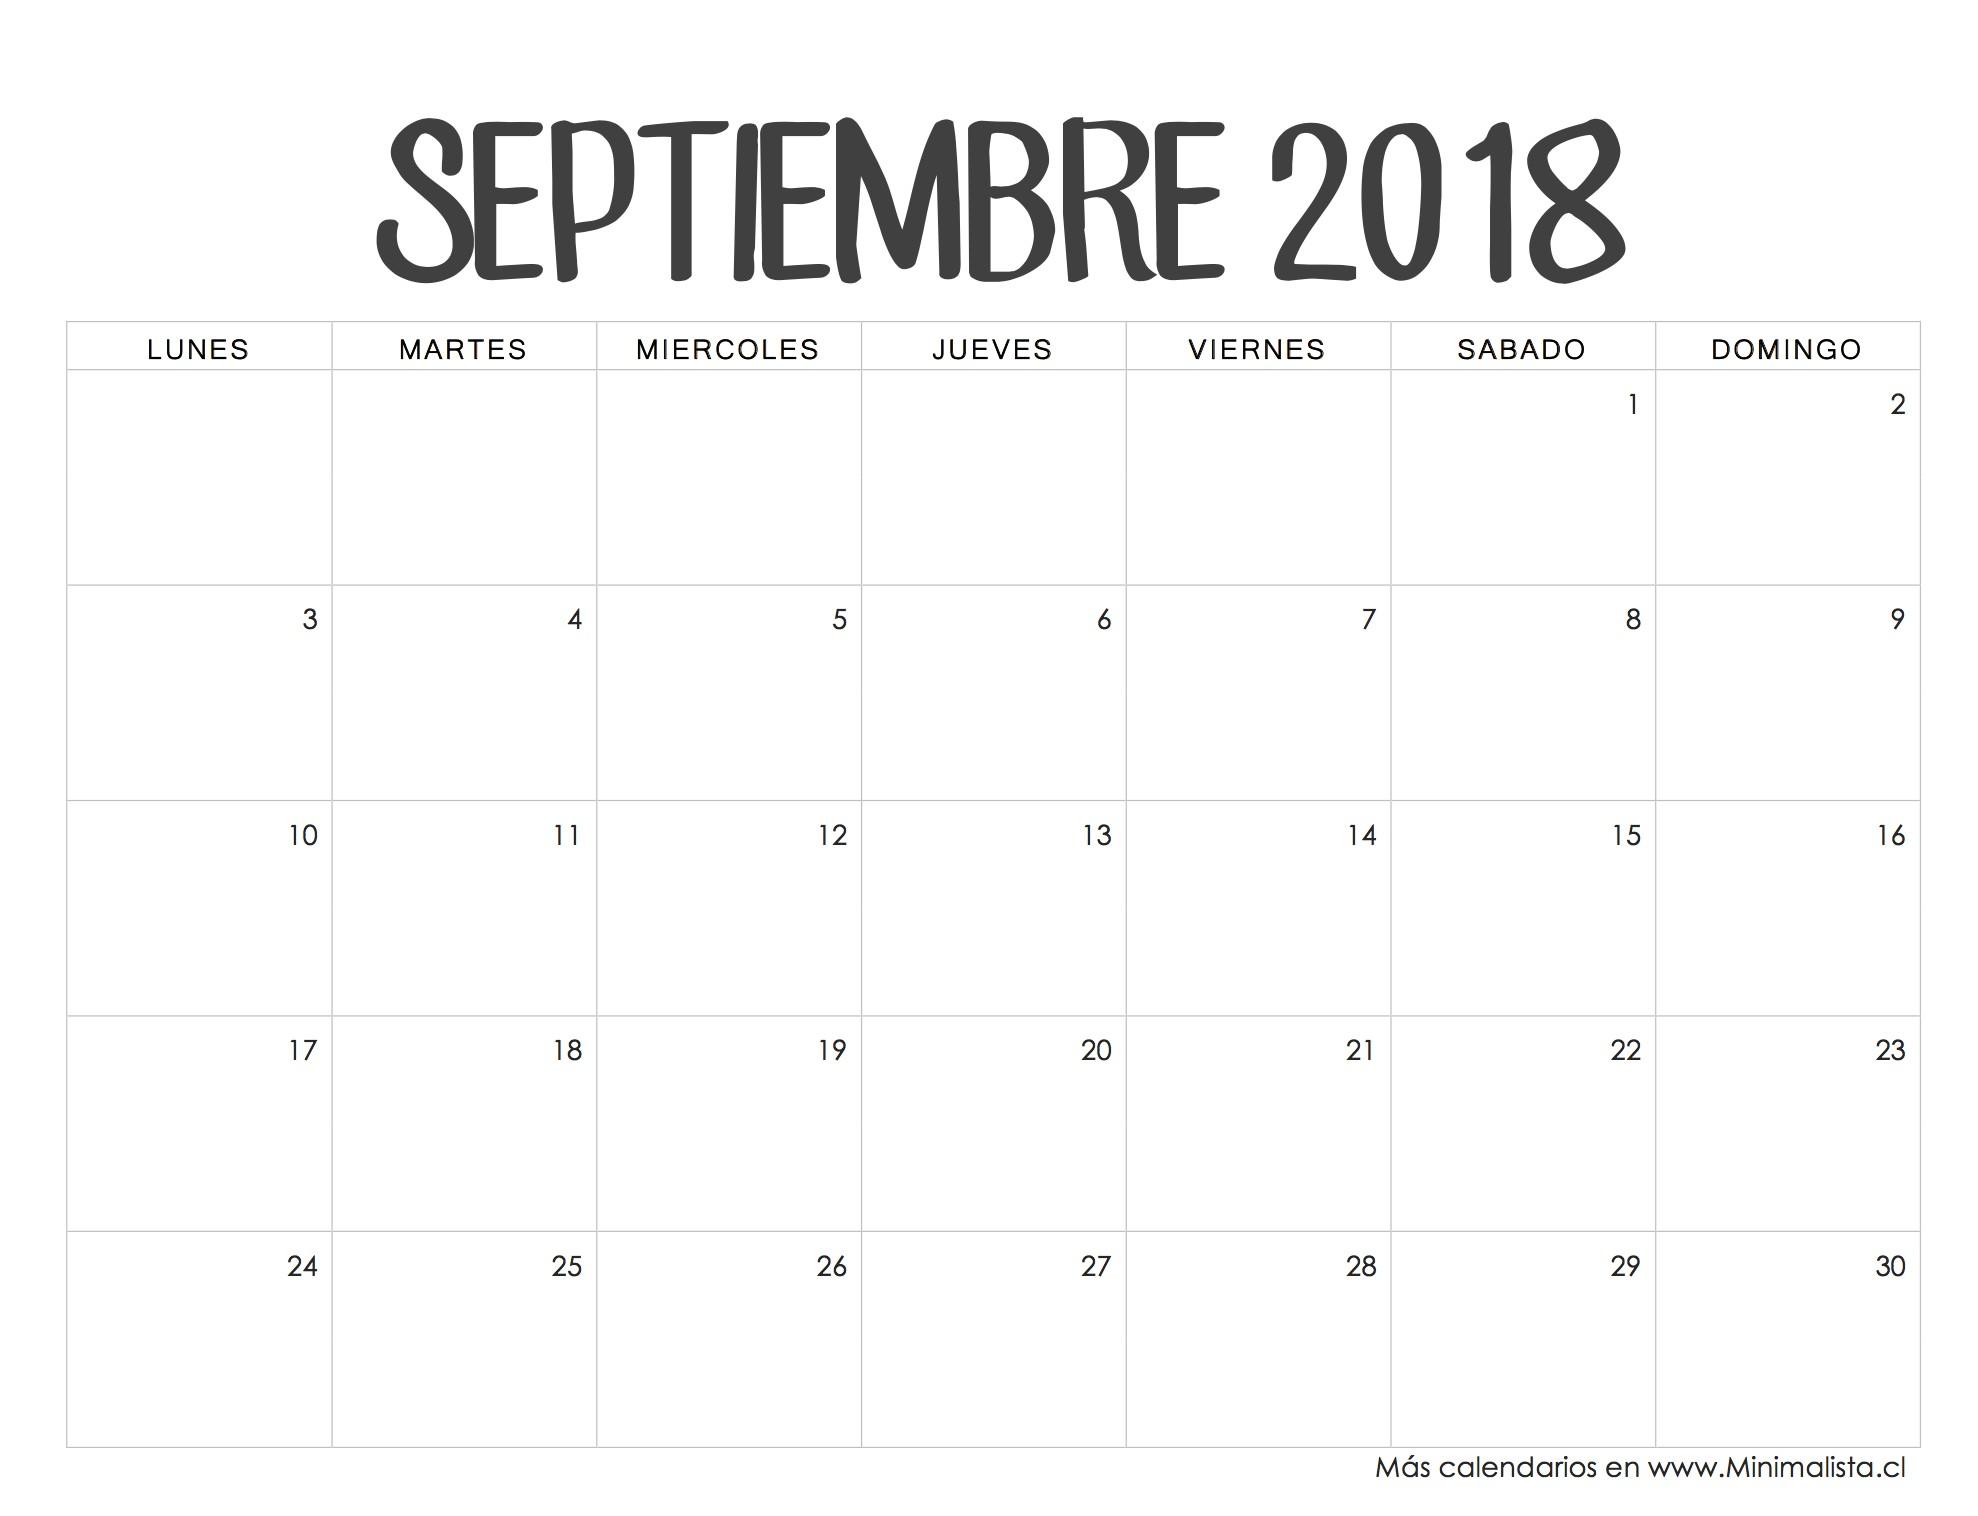 Calendario Mr Wonderful 2019 Para Imprimir.Noticias Calendario Mr Wonderful 2017 Imprimir Calendario 2019